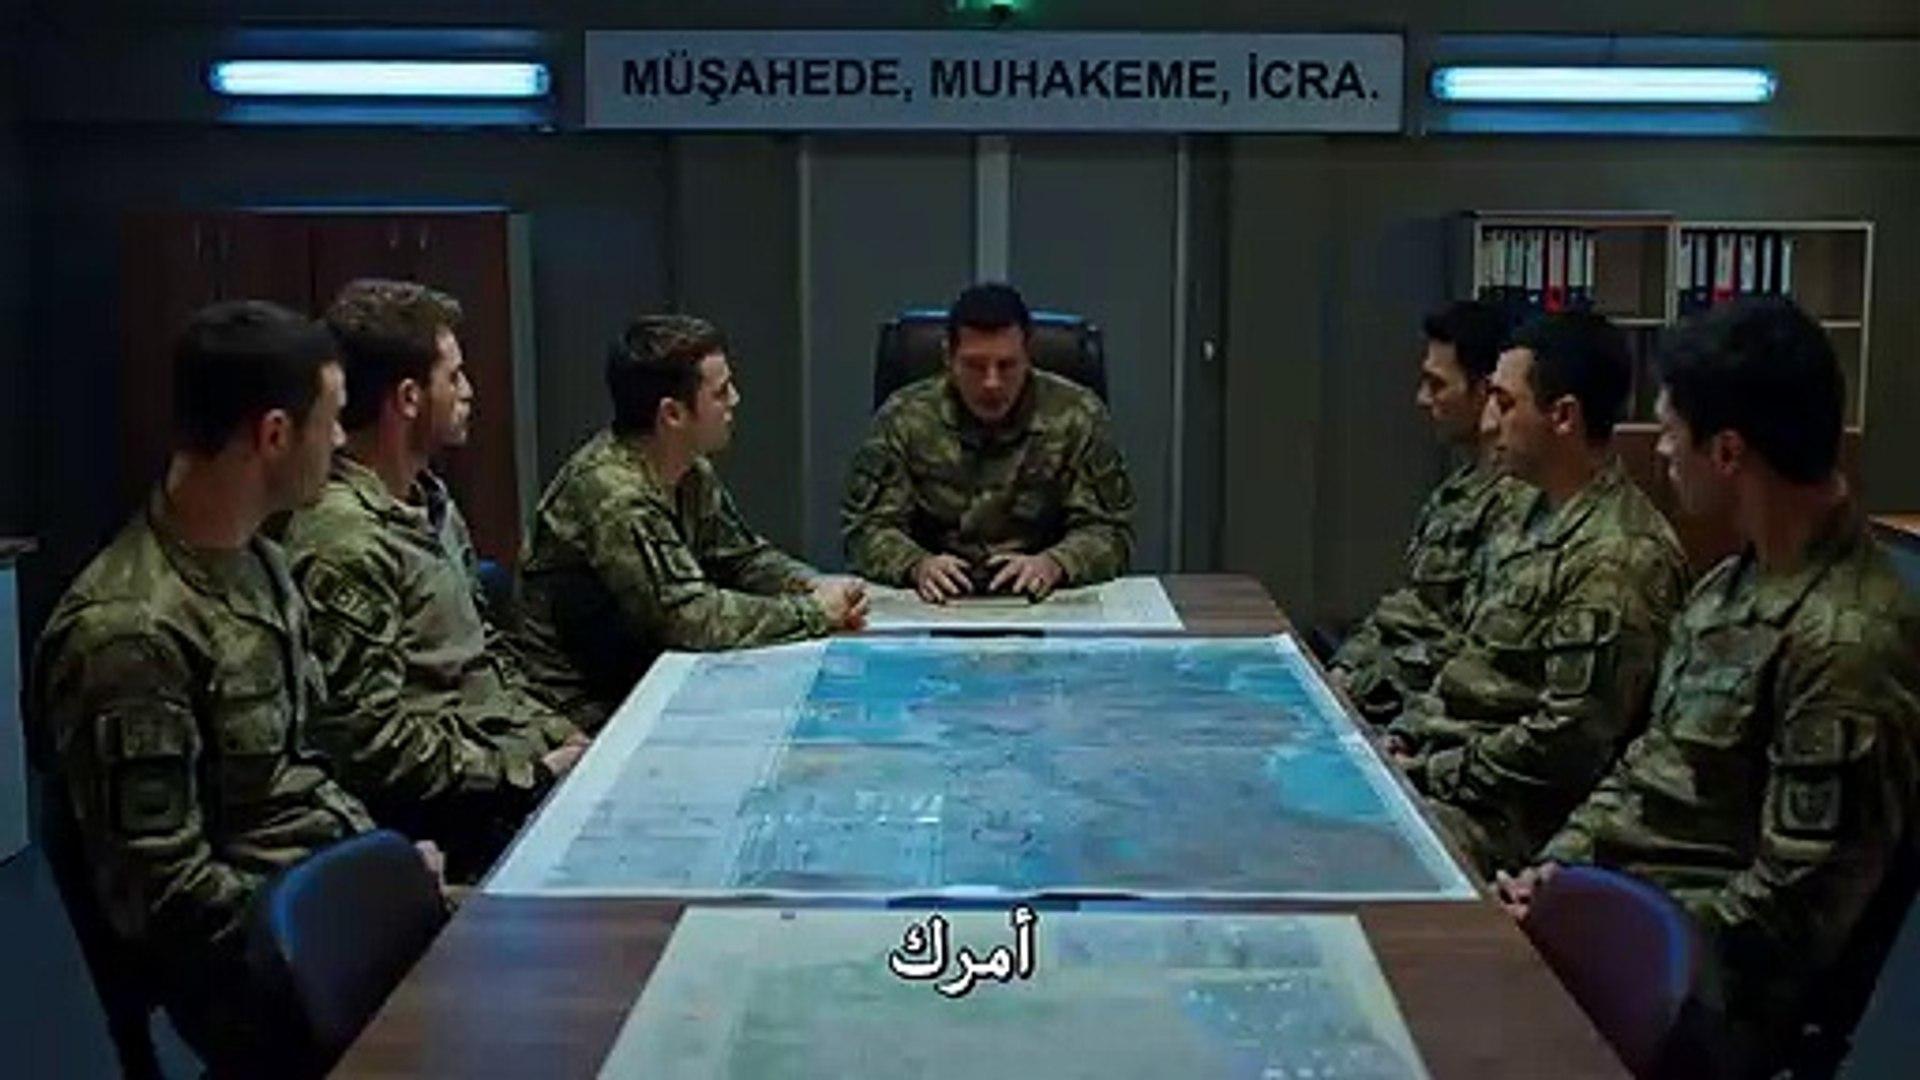 مسلسل العهد الموسم 2 الحلقة 26 القسم 3 مترجم للعربية